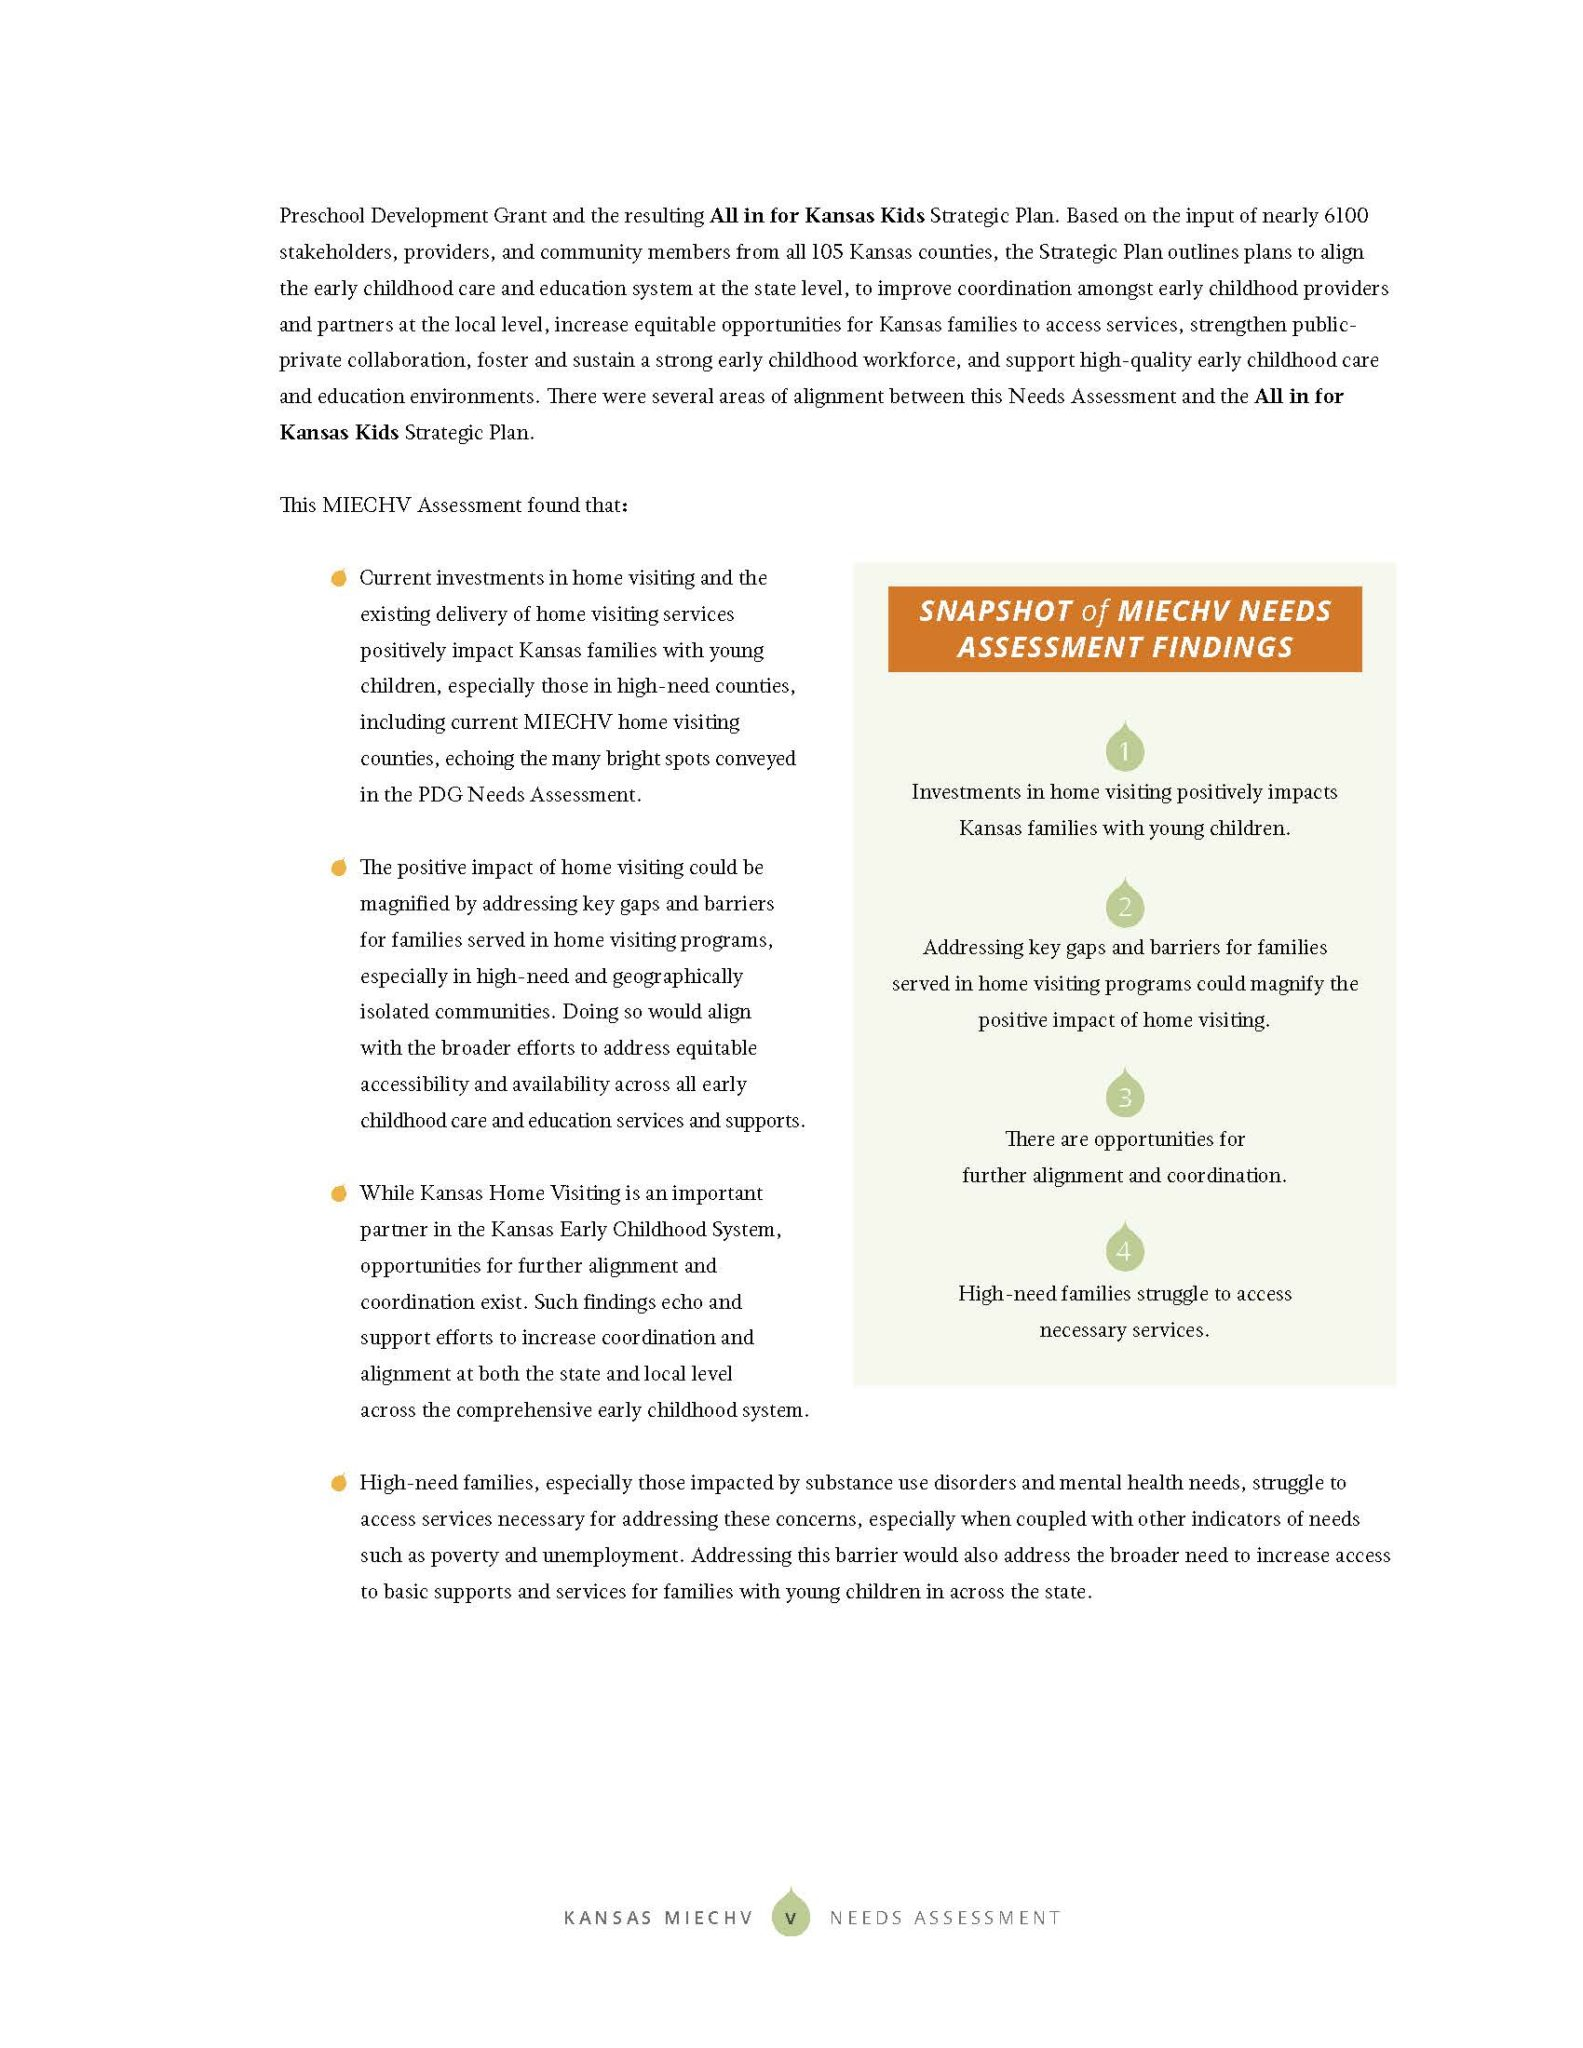 KS MIECHV 2020 Needs Assessment_DIGITAL_Page_006